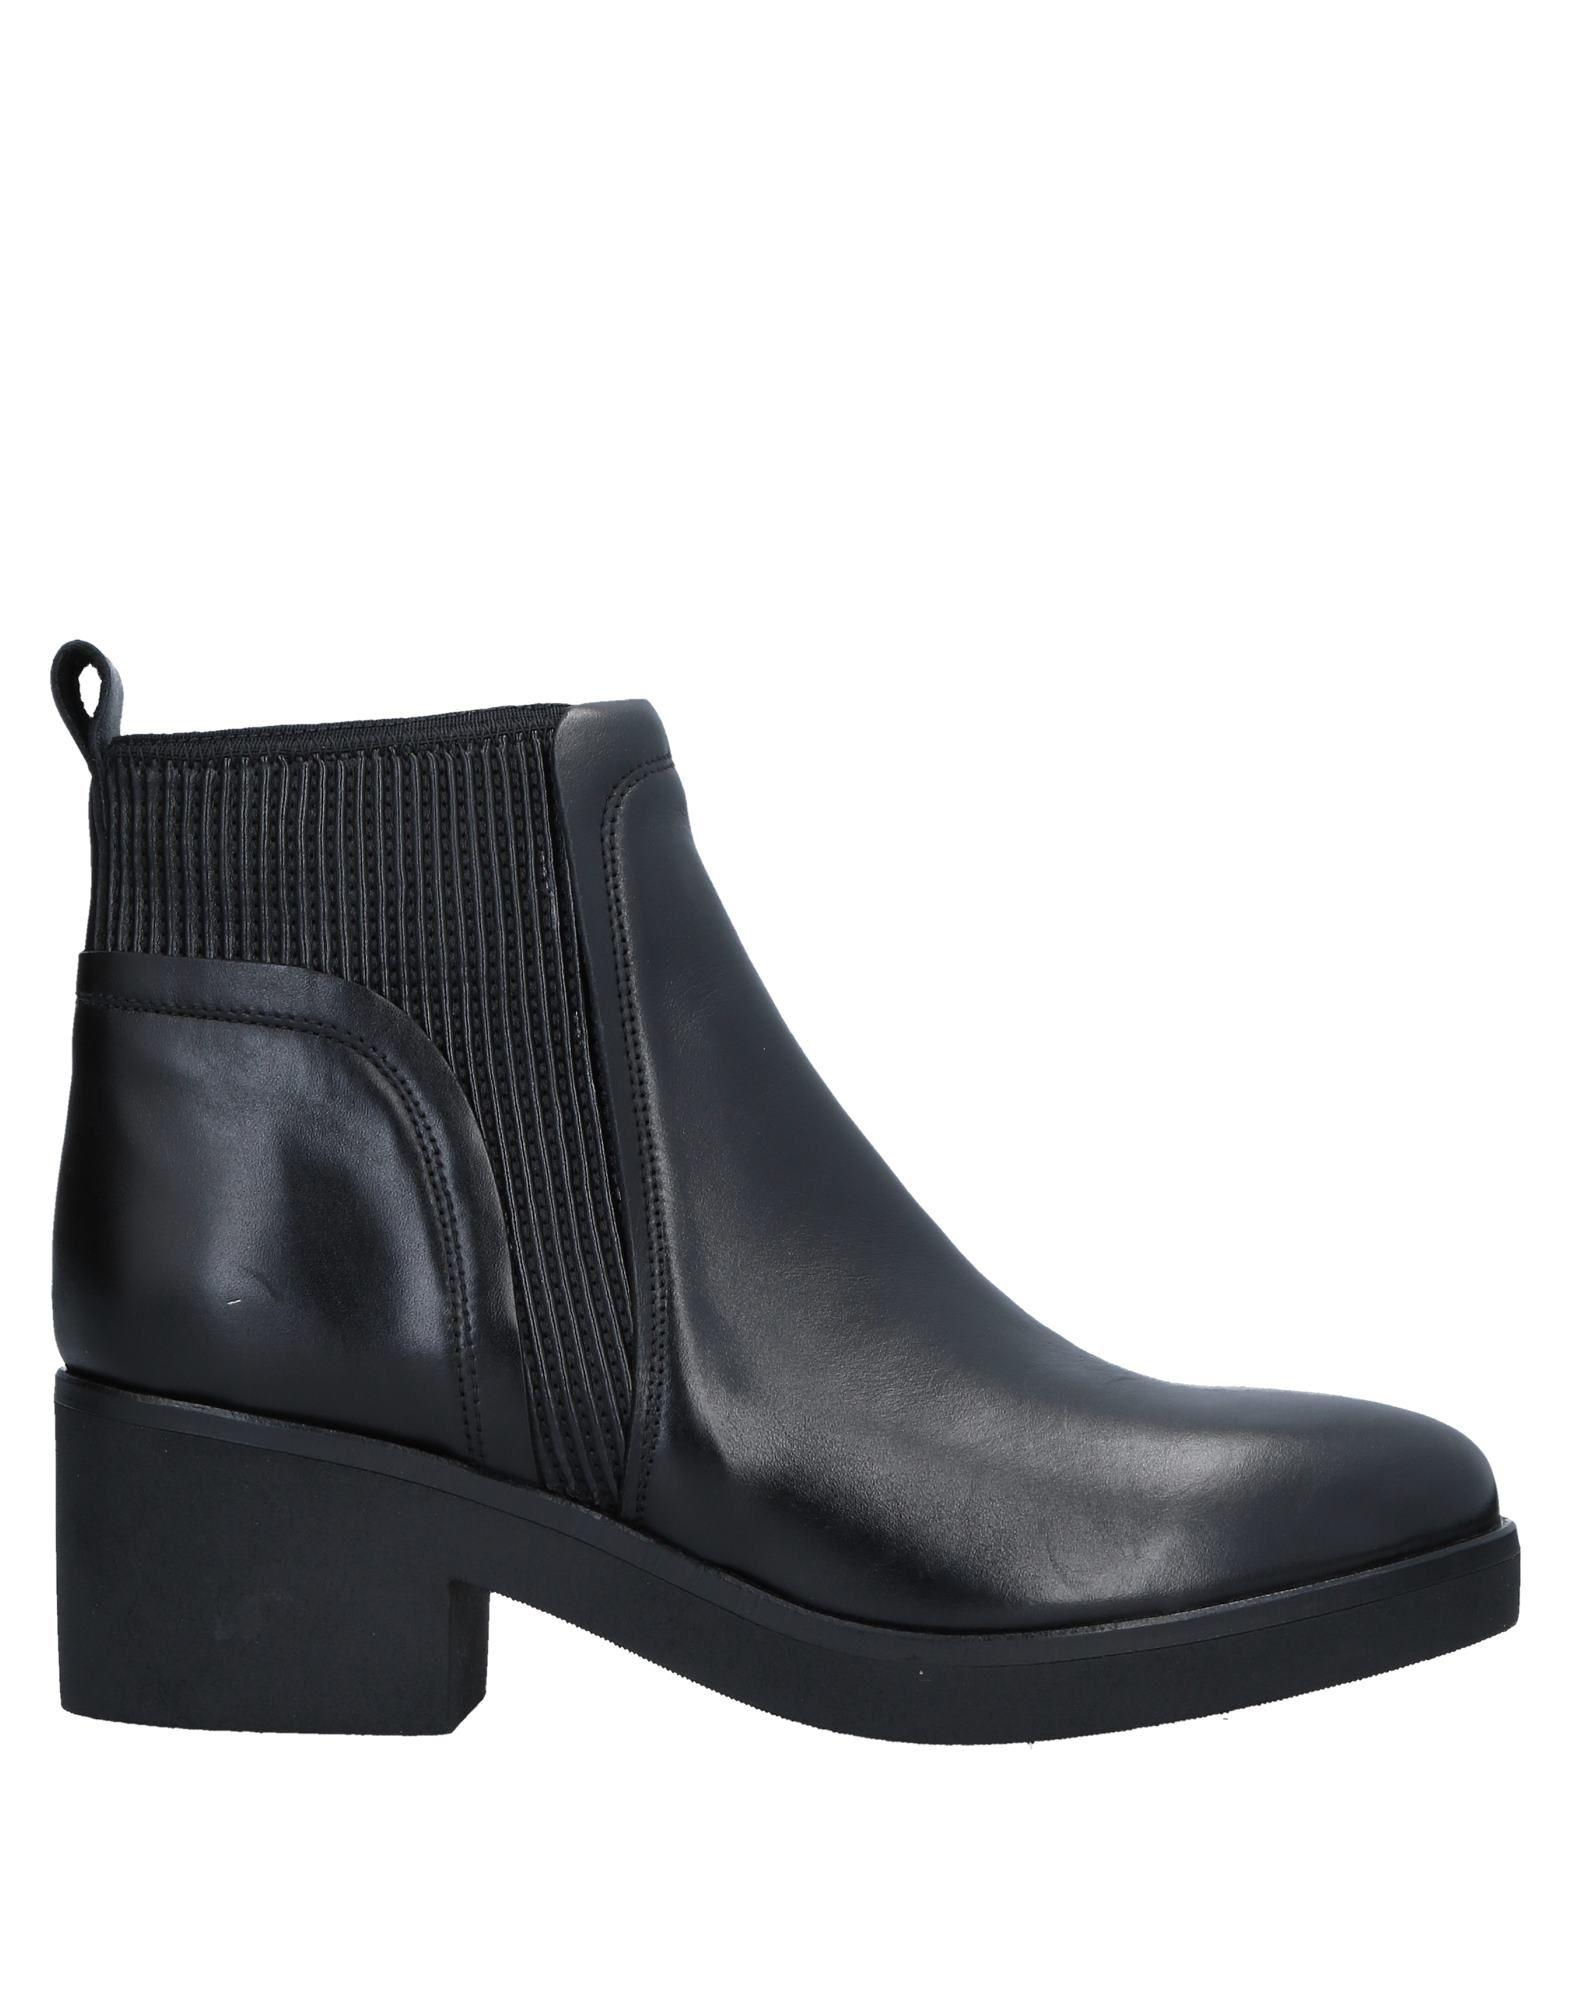 Paolina Perez Stiefelette Damen  11538098NF Gute Qualität beliebte Schuhe